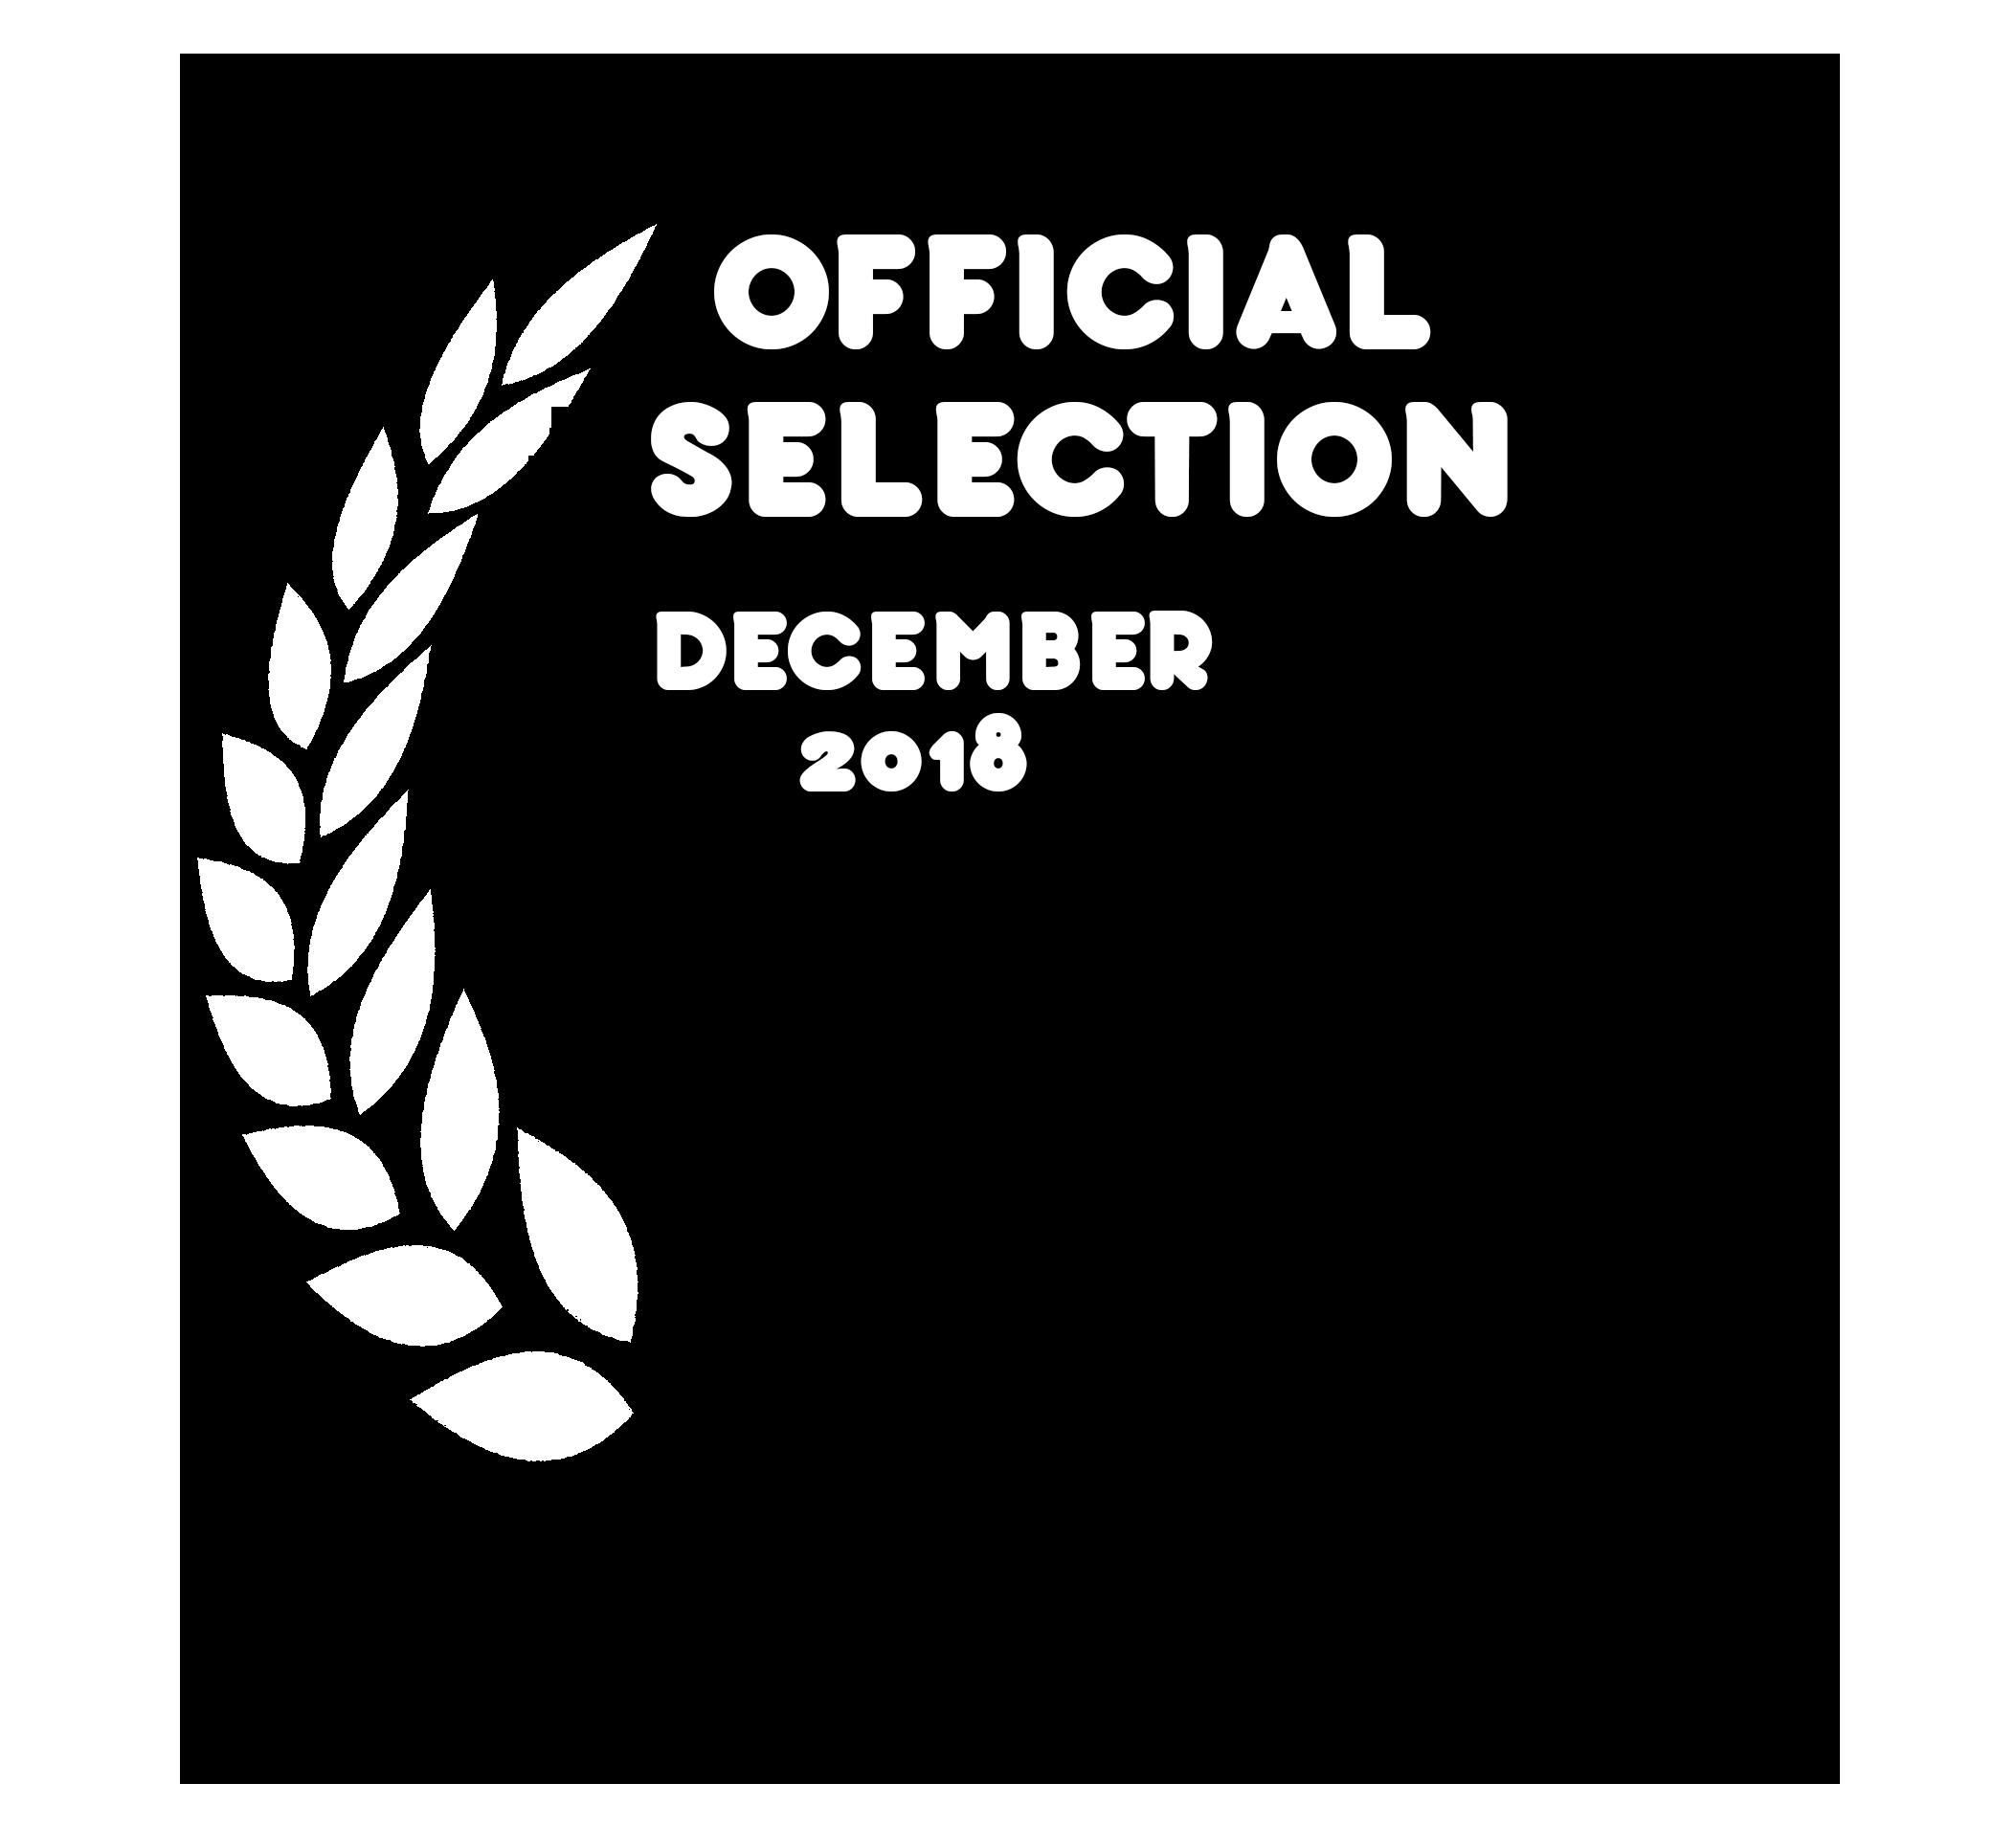 STTP - December 2018 - Official Selection Laurel - Black Crocodile.png